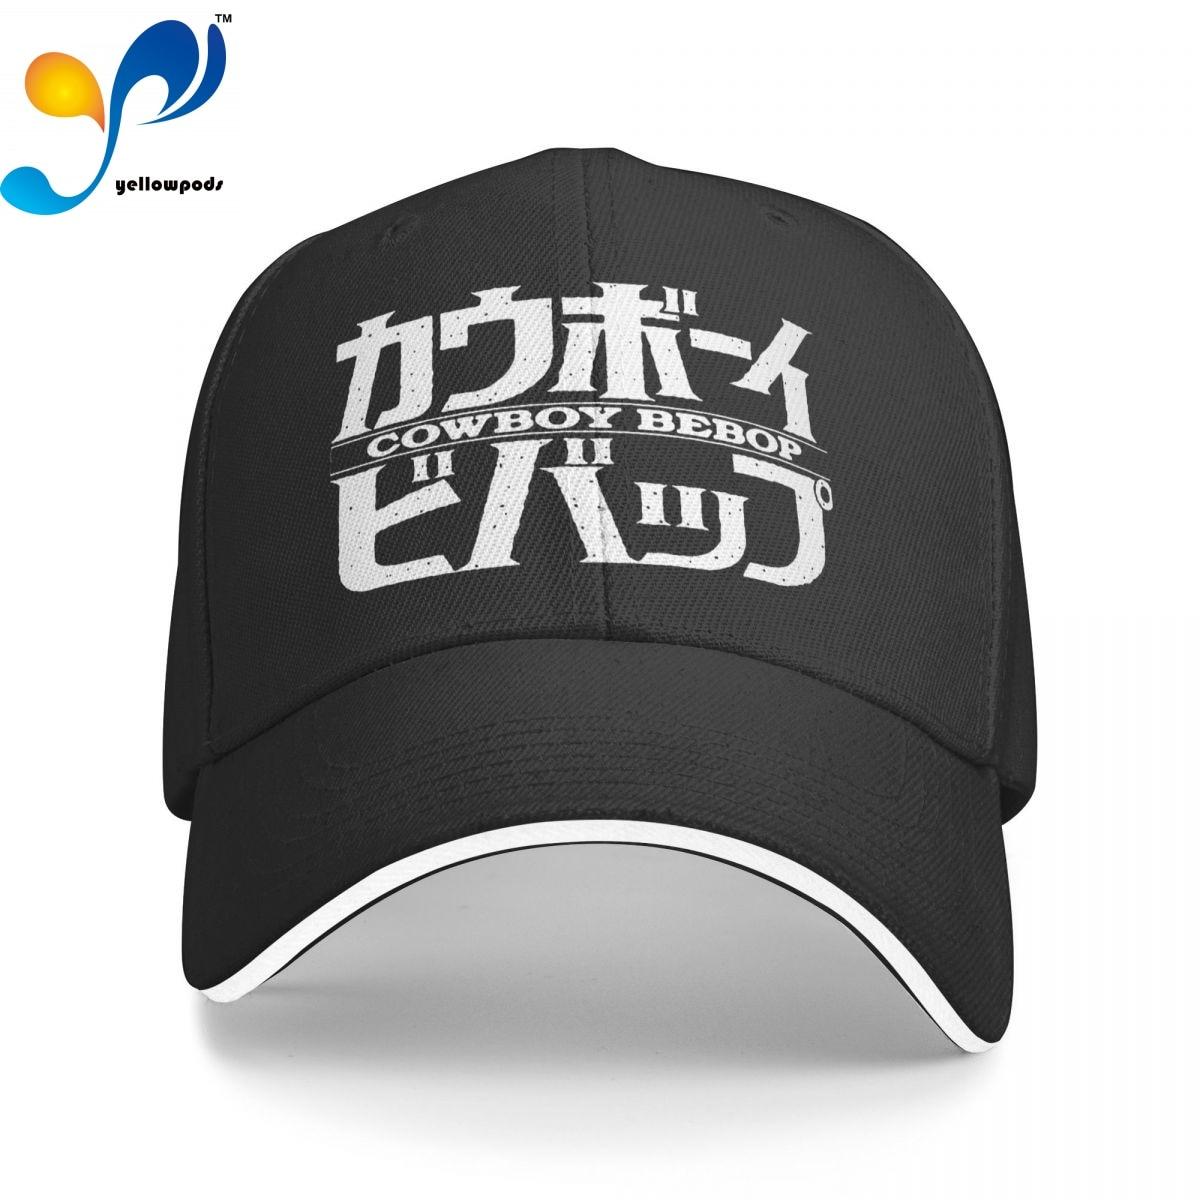 Бейсболка Мужская, ковбойская бейсболка для детей, модная кепка с логотипом, Мужская кепка для папы, Кепка для мужчин, Кепка-тракер